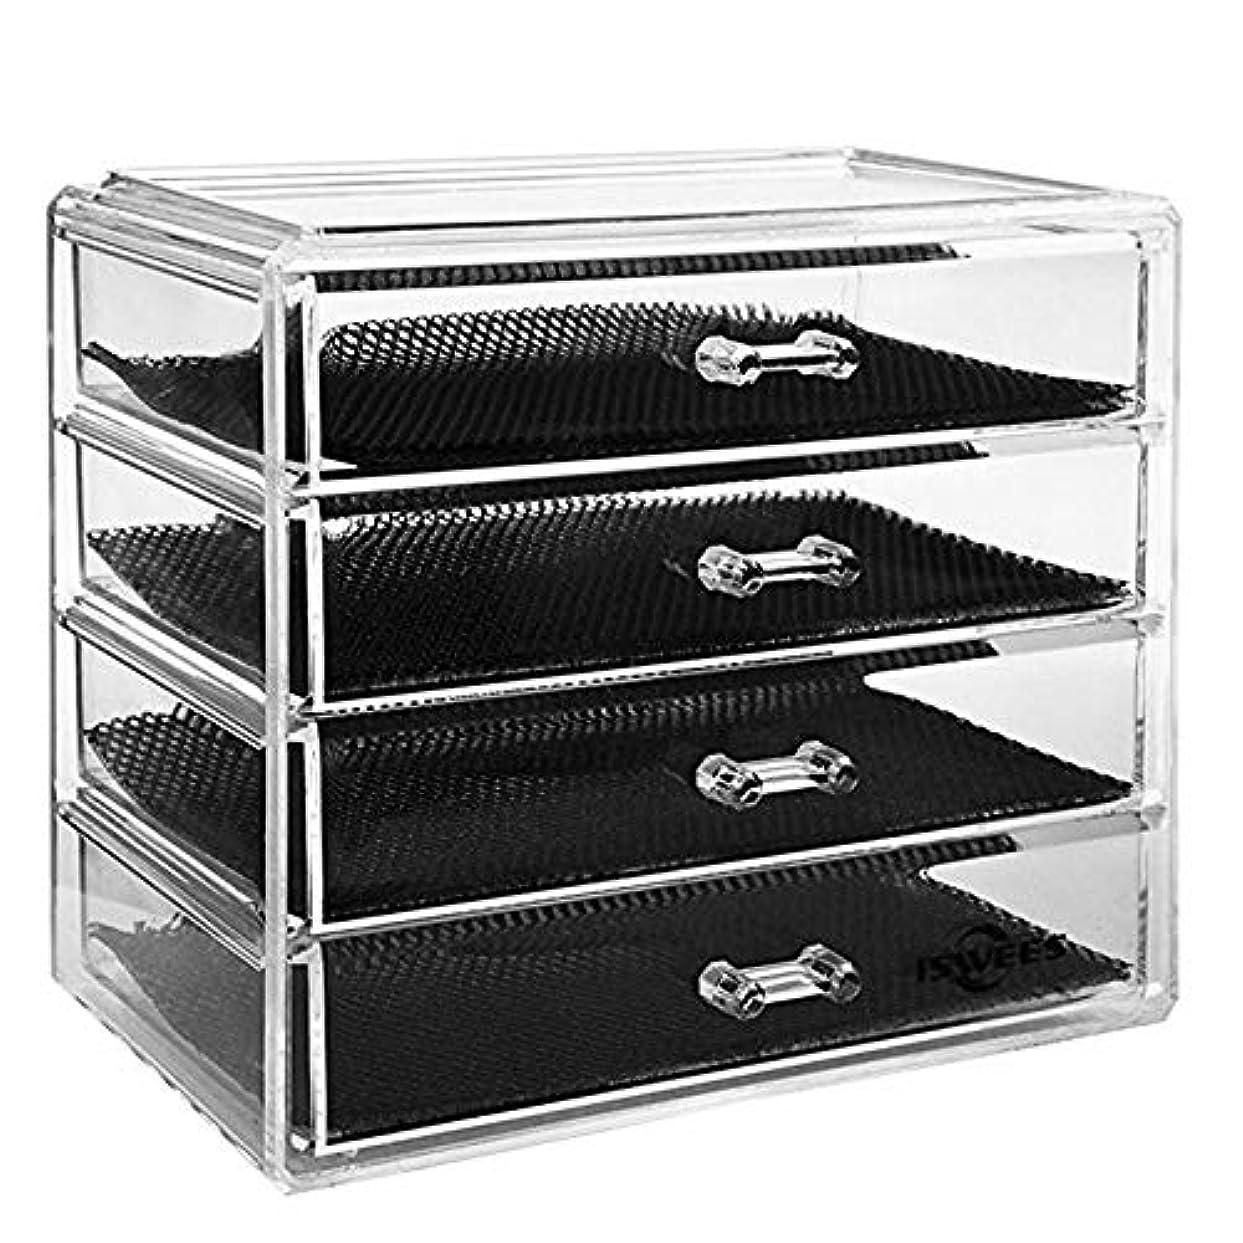 ネーピアに負ける倍率メイクボックス 引き出し 4段 アクリル コスメ収納ボックス 化粧品収納ボックス アクセサリー収納 小物収納 透明